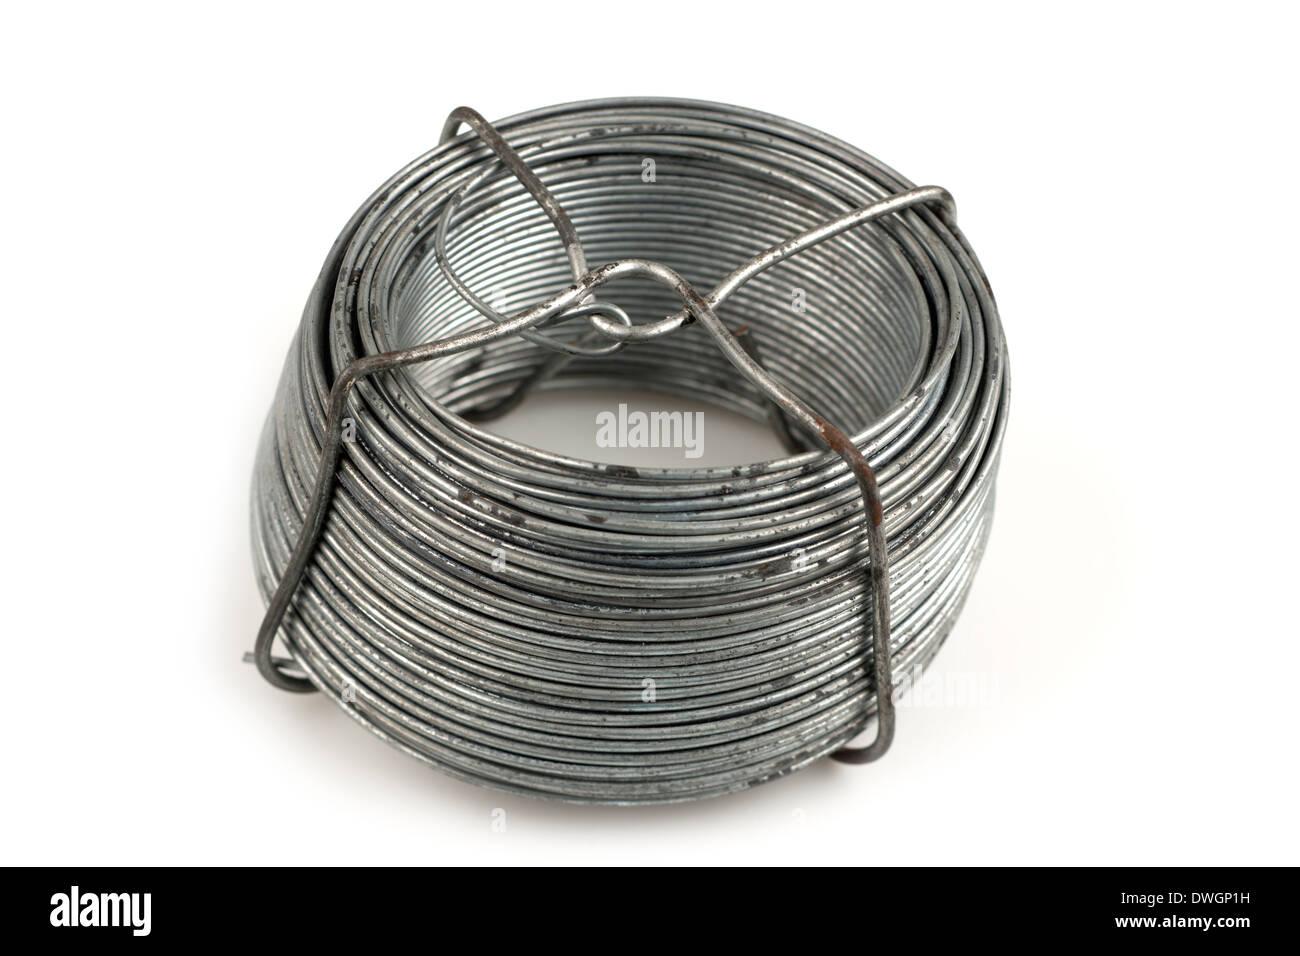 Wire Spool Stockfotos & Wire Spool Bilder - Alamy